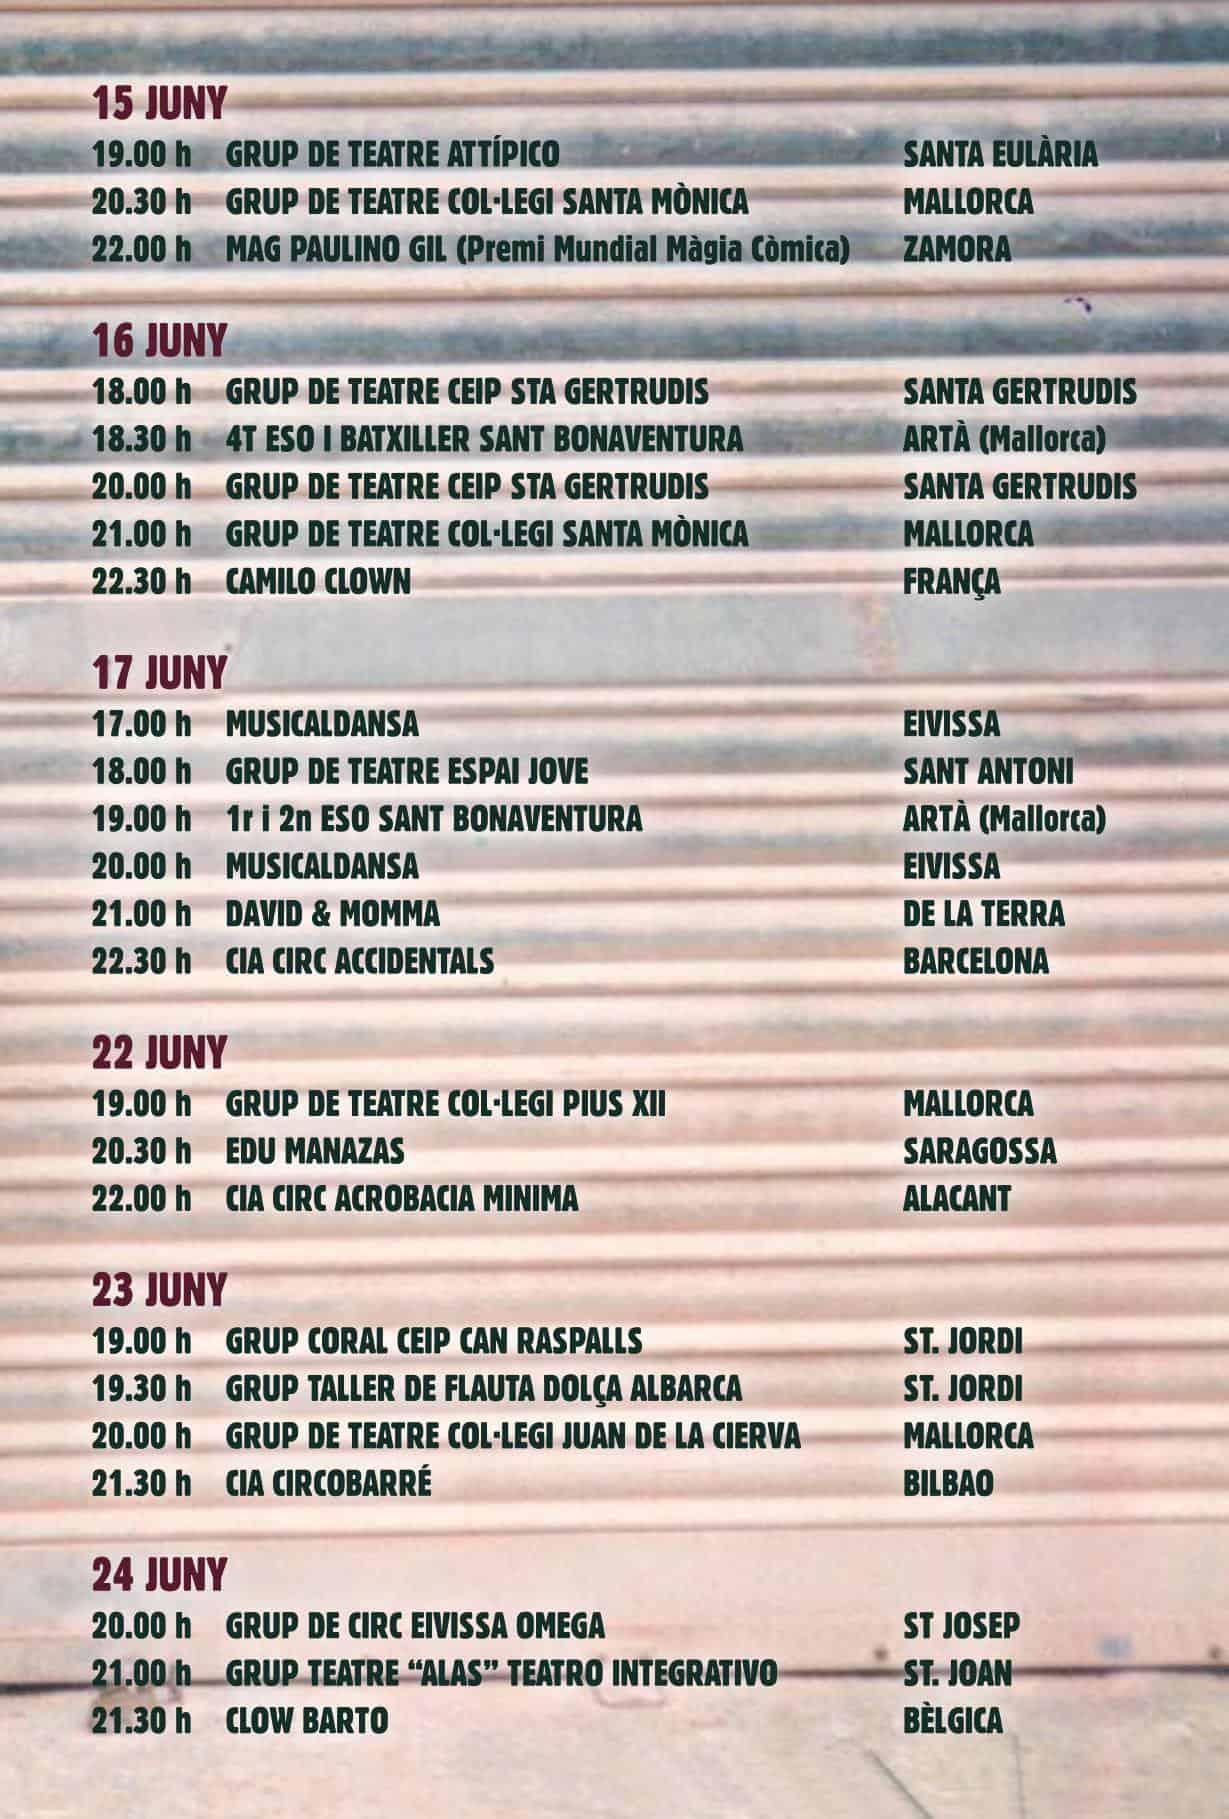 Calendario 2019 Festivos Baleares Más Populares Sant Jordi Se Llena De Cultura Con El Festn Festival De Teatro Of Calendario 2019 Festivos Baleares Actual Fiestas Ibiza 2017 Hyte En Amnesia Ibiza Cada Miércoles